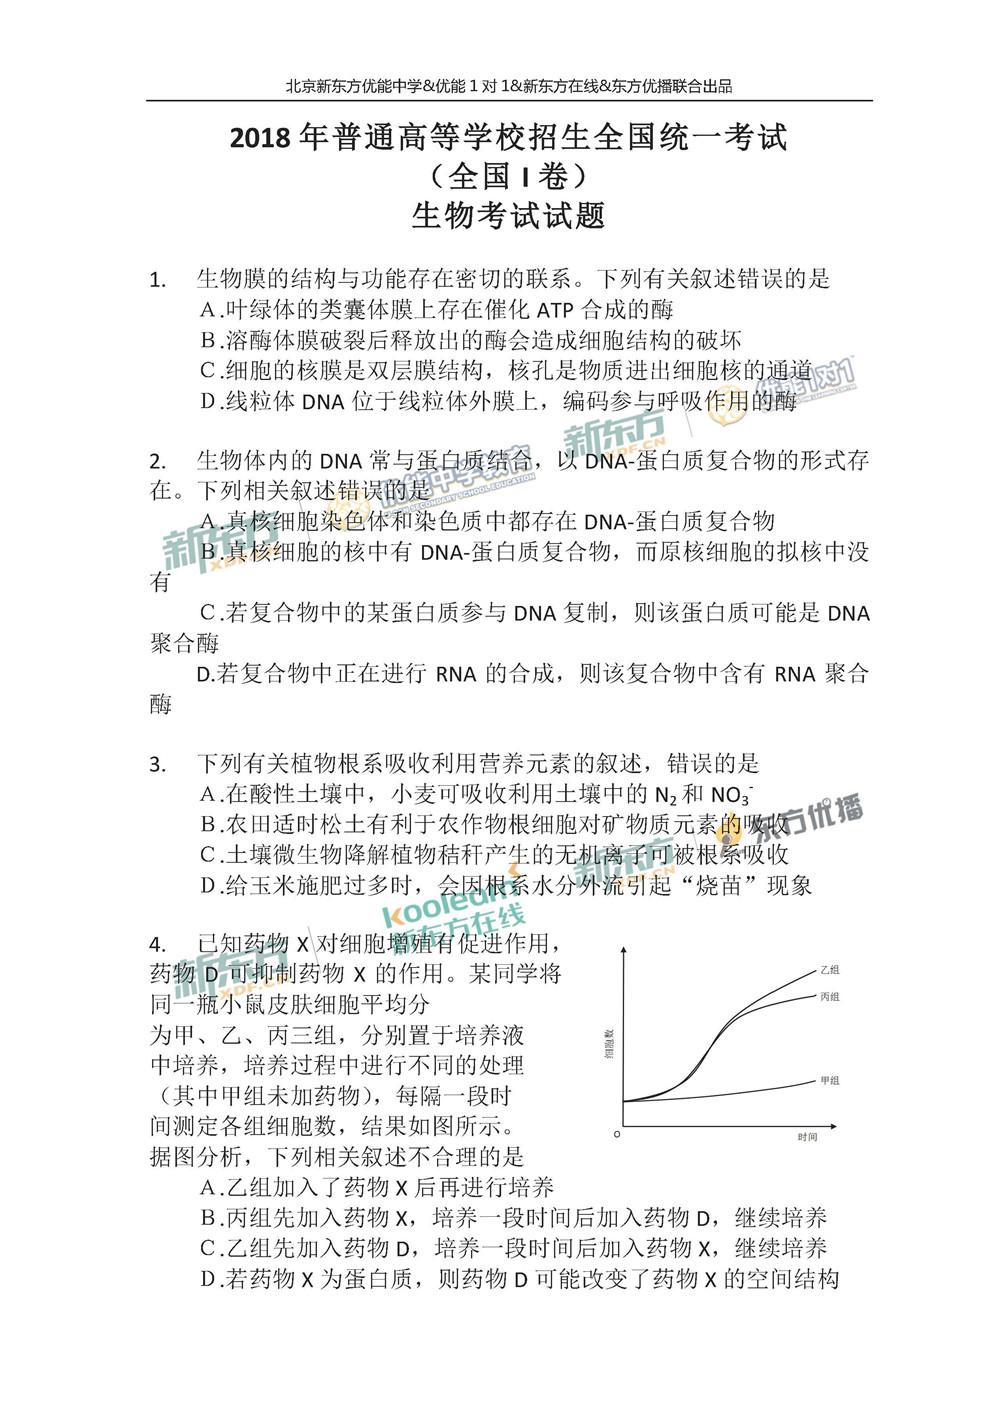 2018全国卷1高考理科综合答案及解析(北京新东方)